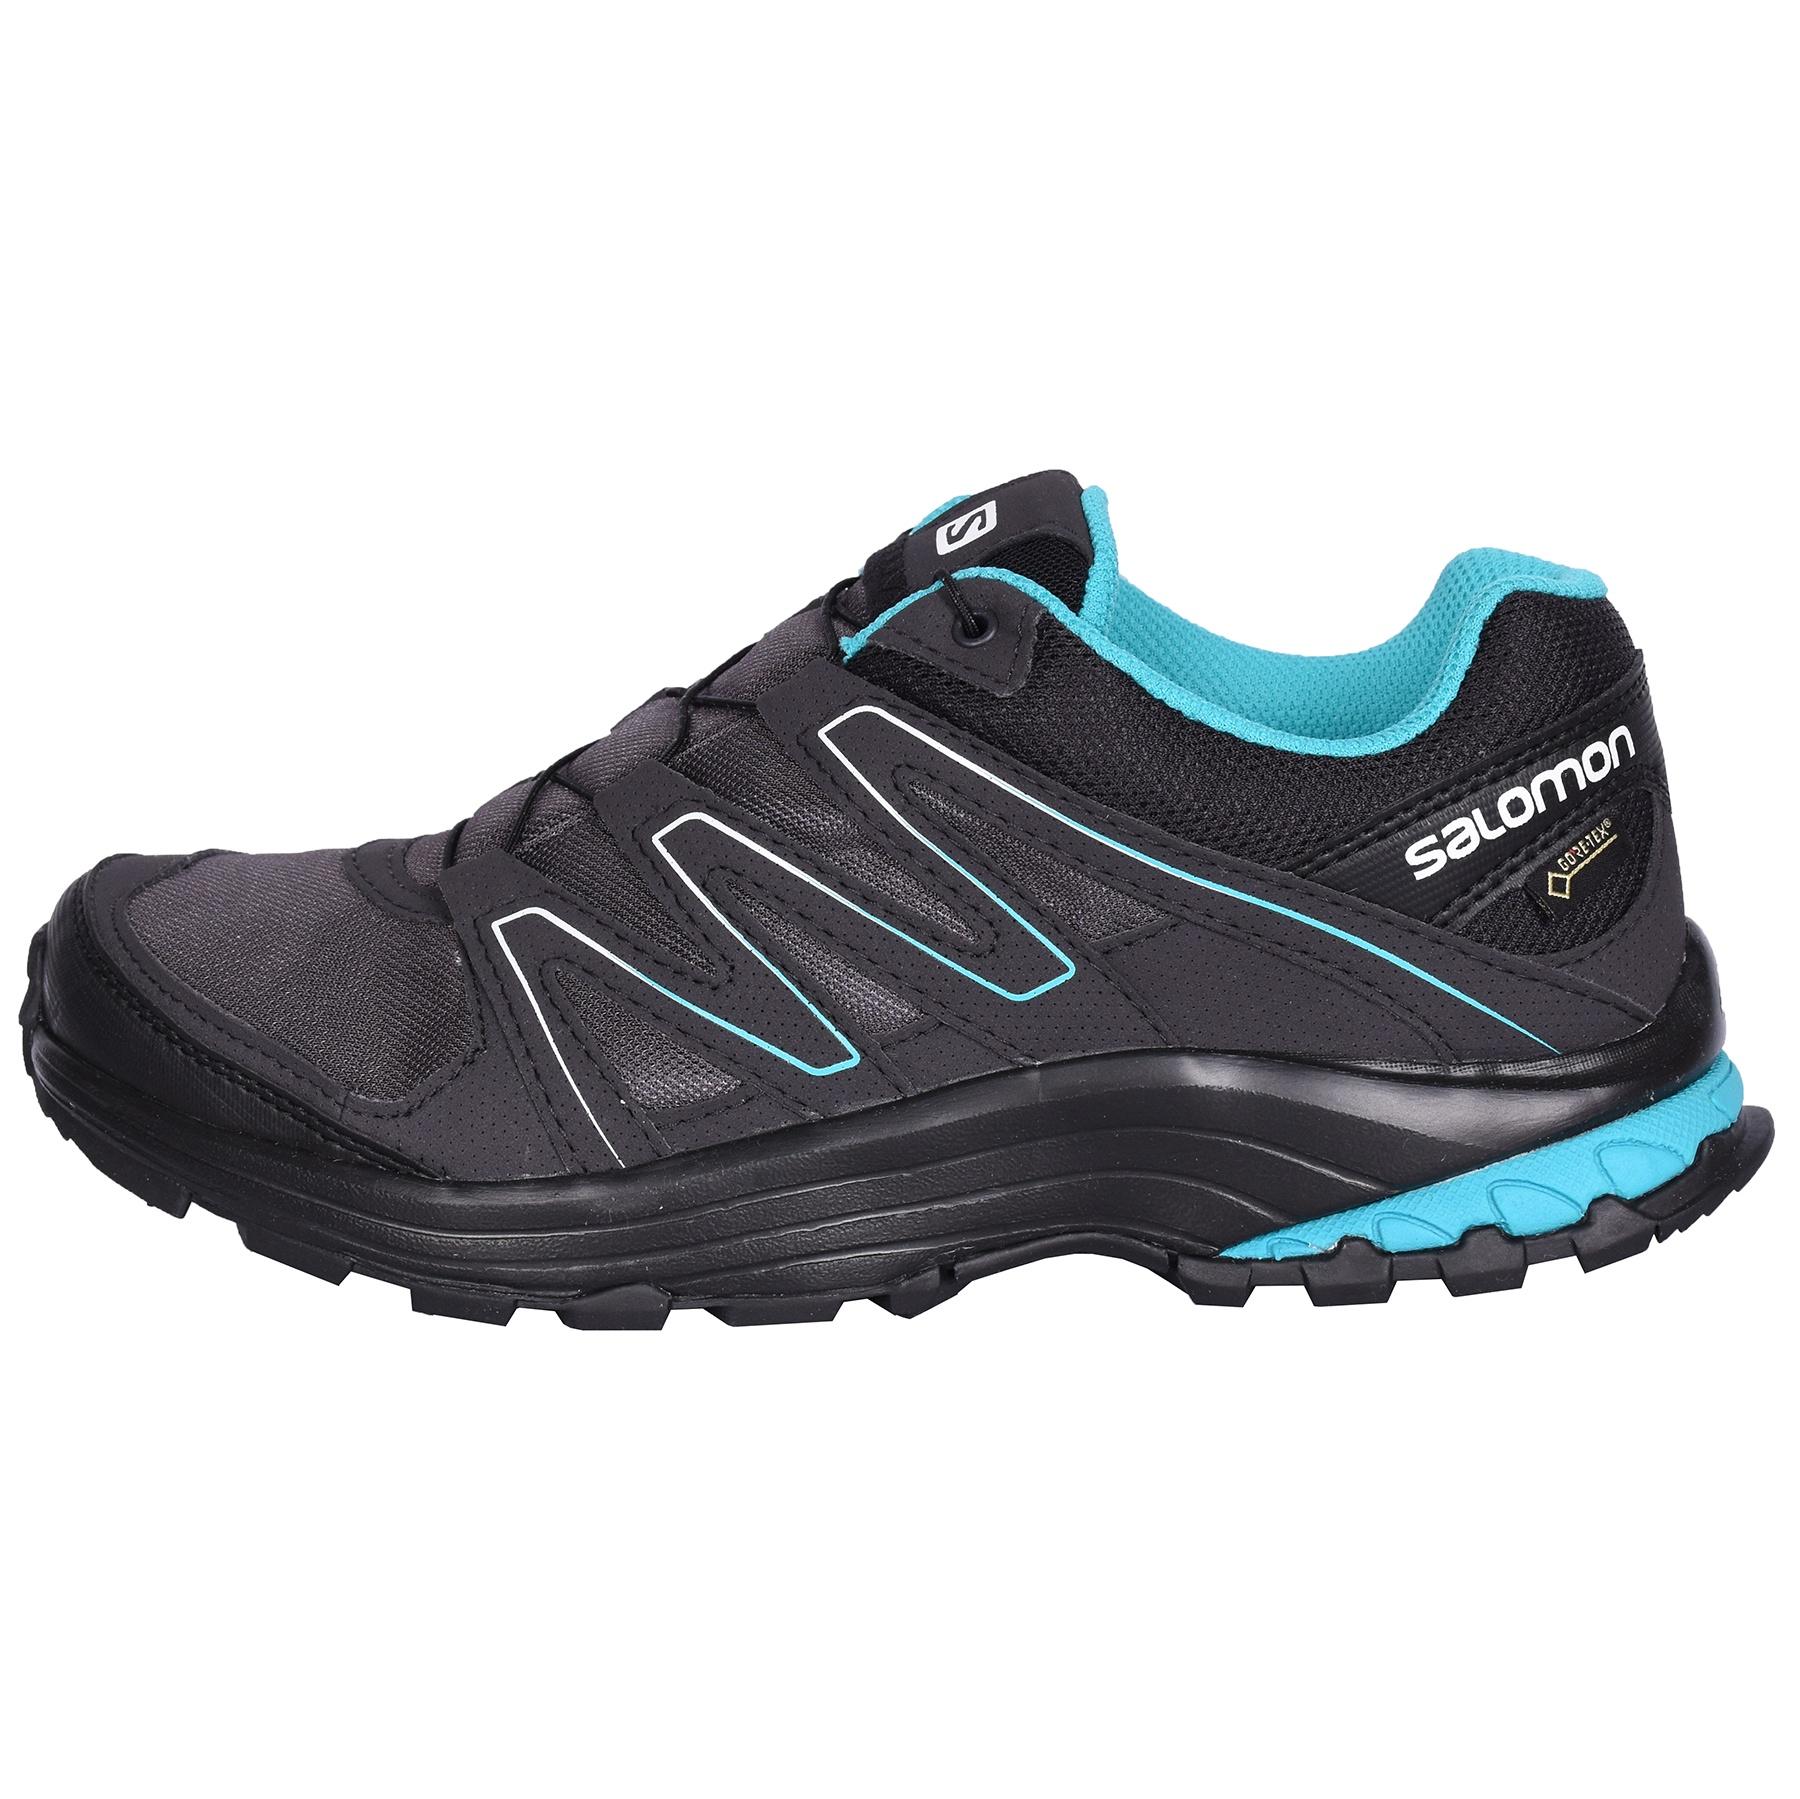 کفش مخصوص پیاده روی زنانه سالومون مدل MT 406160